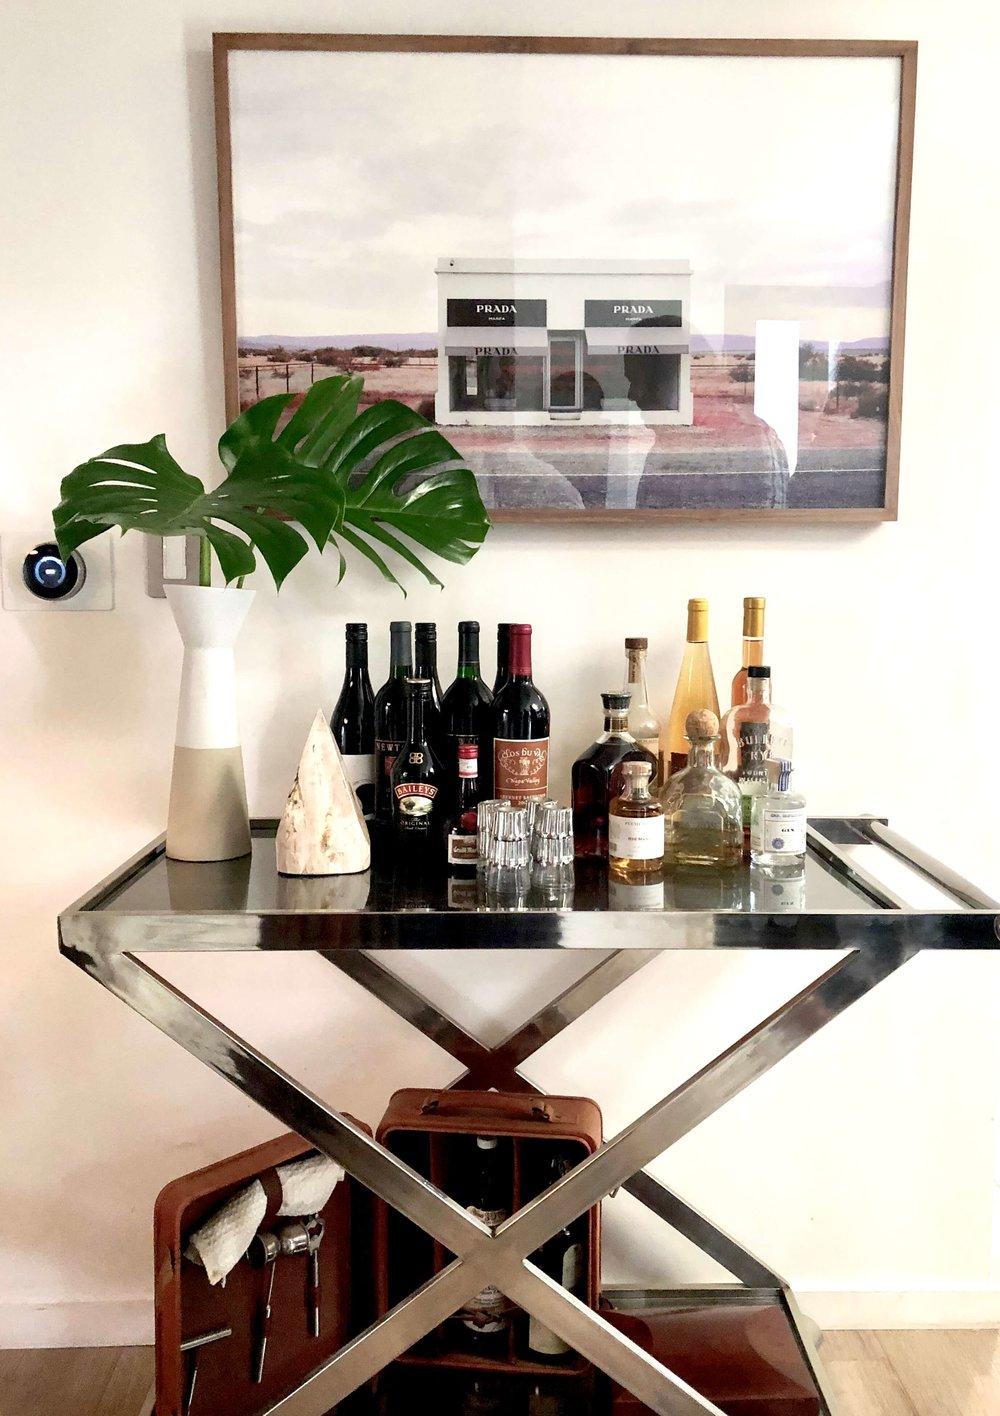 Bar cart with Gray Malin photography art above #graymalin #barcart